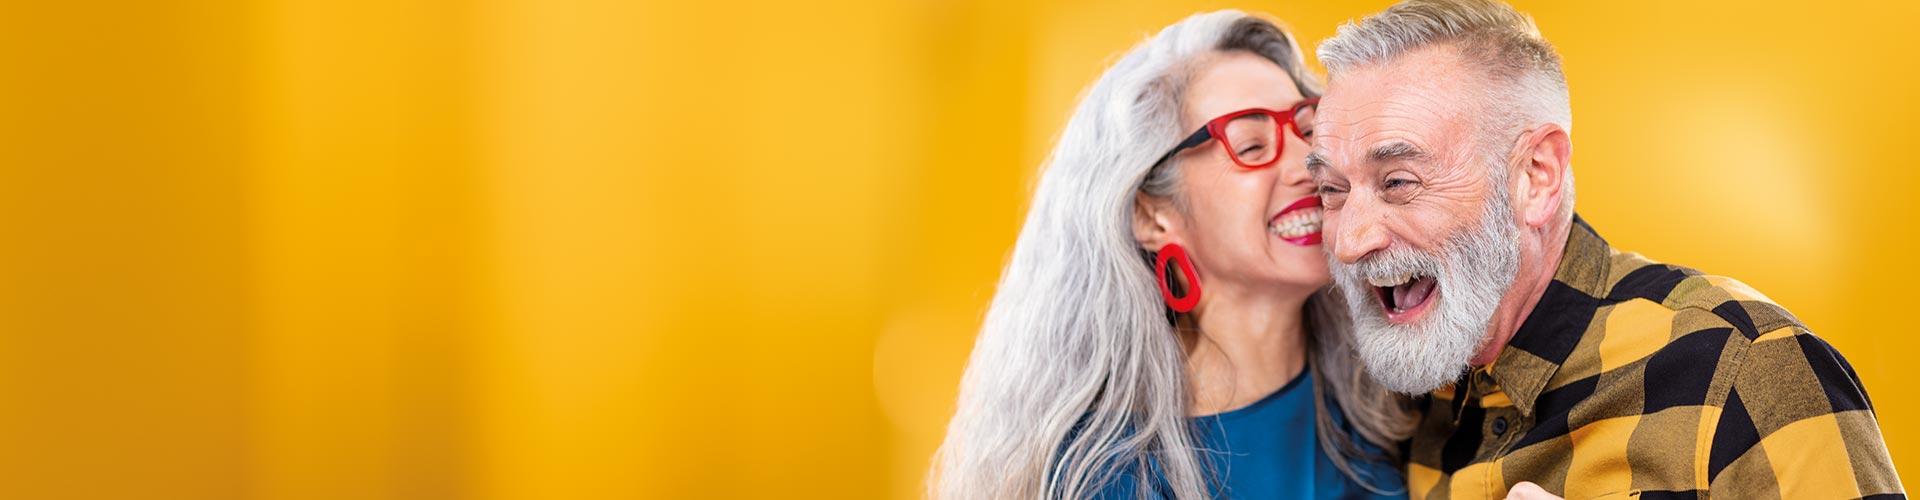 Una mujer de mediana edad abrazada y susurrando un secreto a un amigo. Él lleva audífonos recargables Philips HearLink.